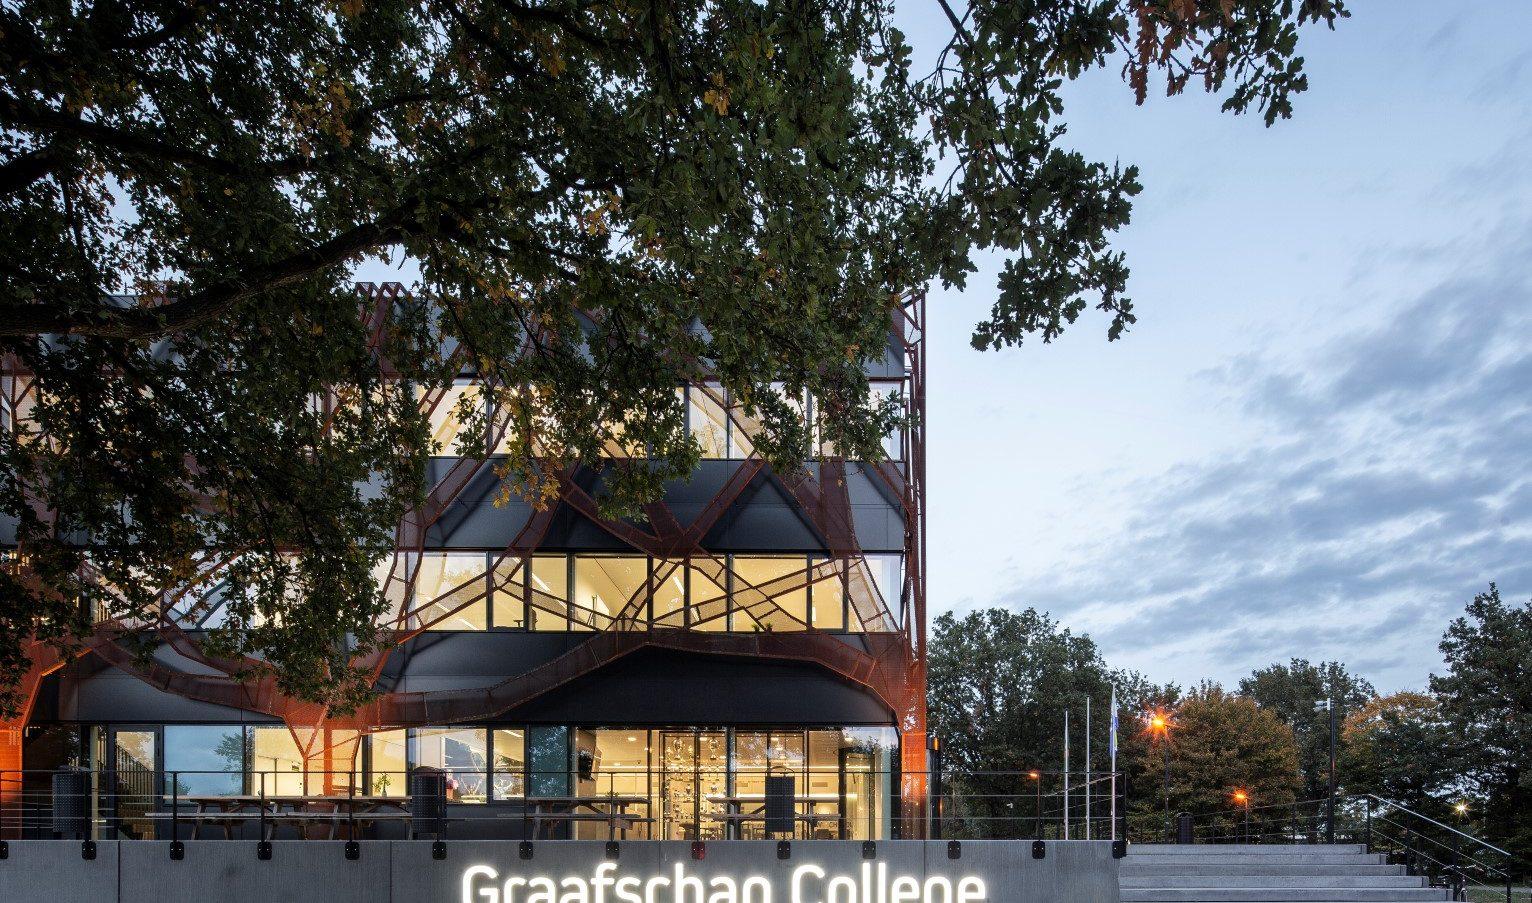 Boomgevel van corten staal Graafschap College in Doetinchem in de schemering